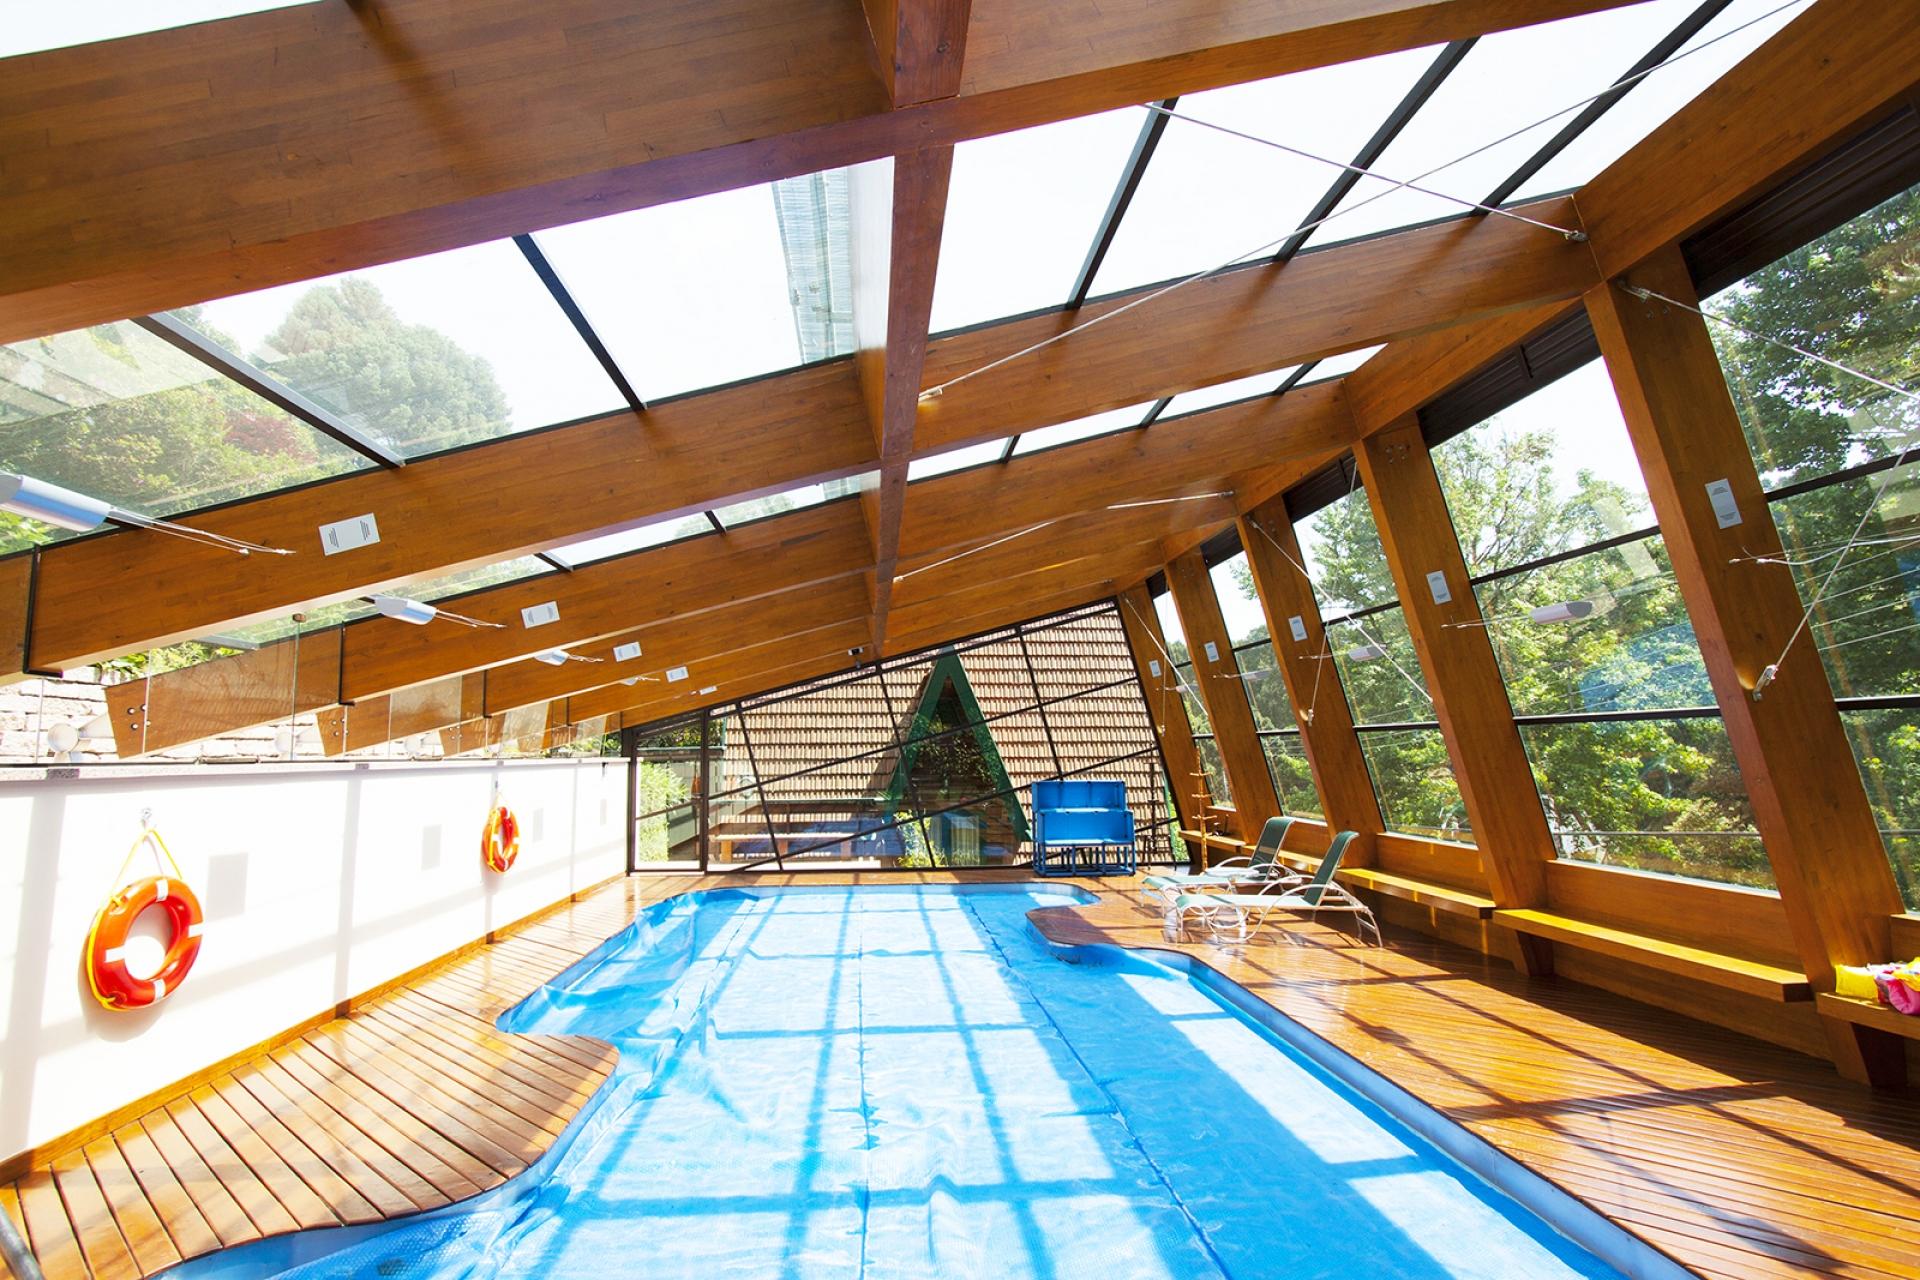 Zeppelini associados cobertura piscina for Coberturas para piscinas